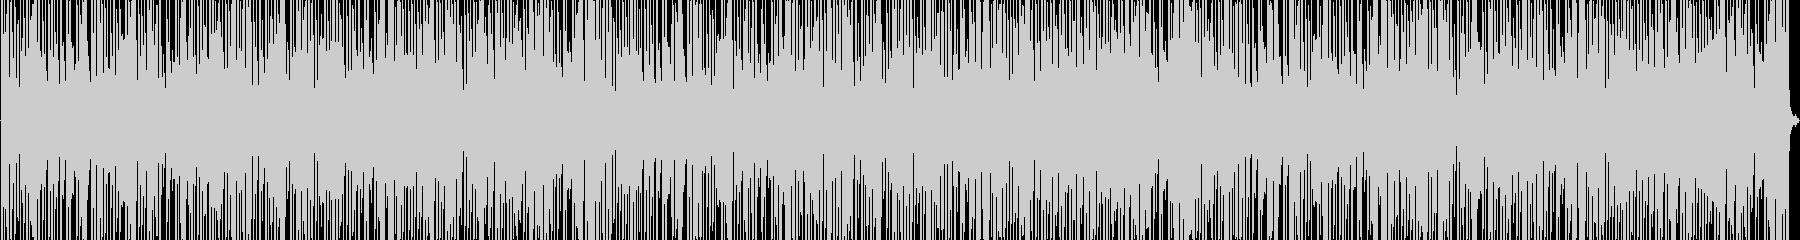 ほのぼの系リズミカルBGMの未再生の波形